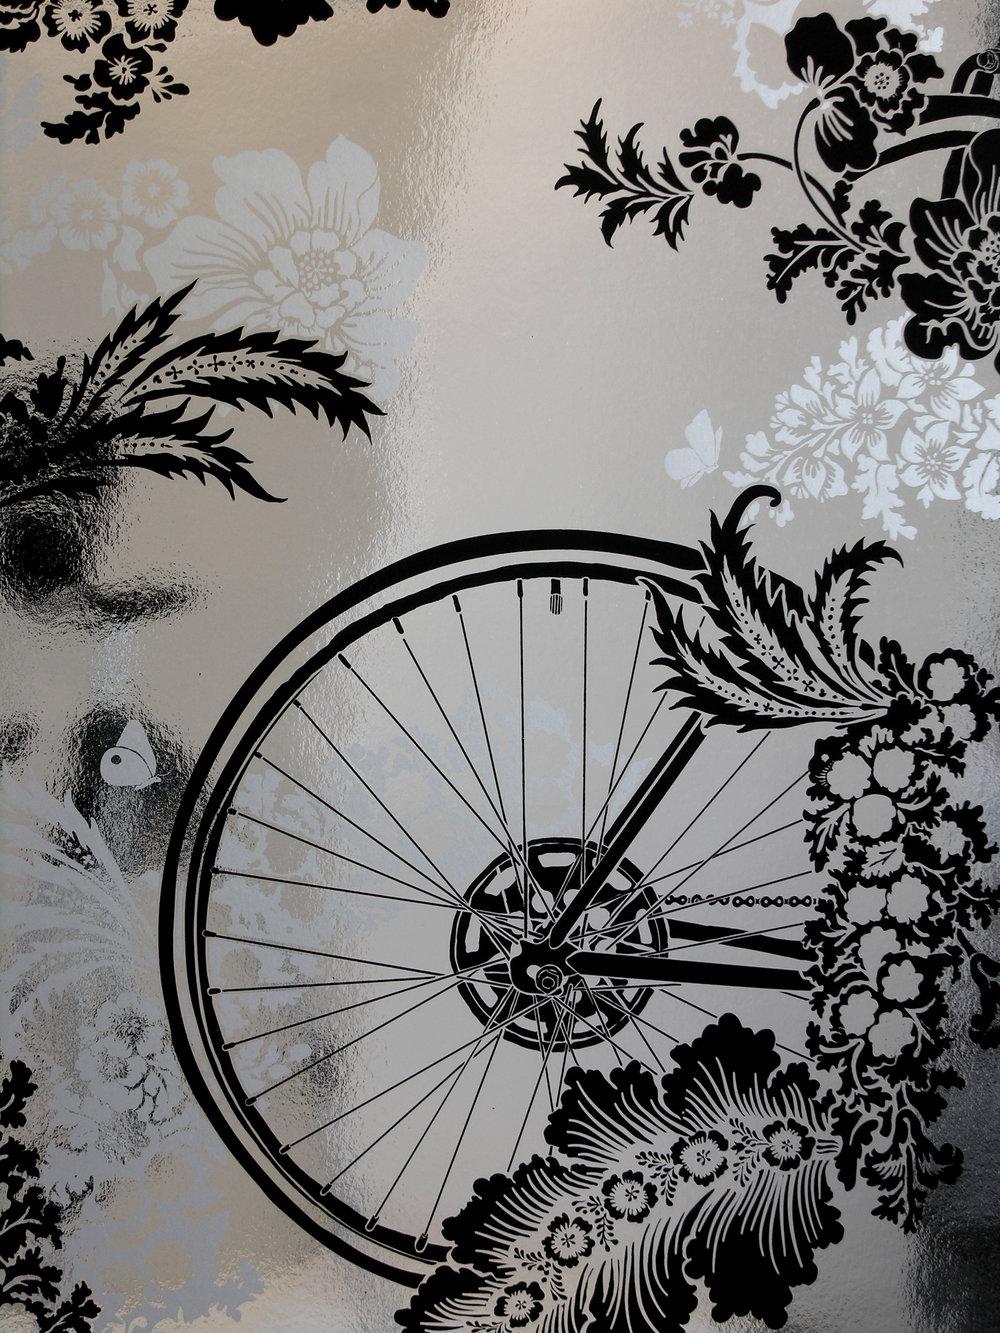 Flower Pedal in Silverback.jpg